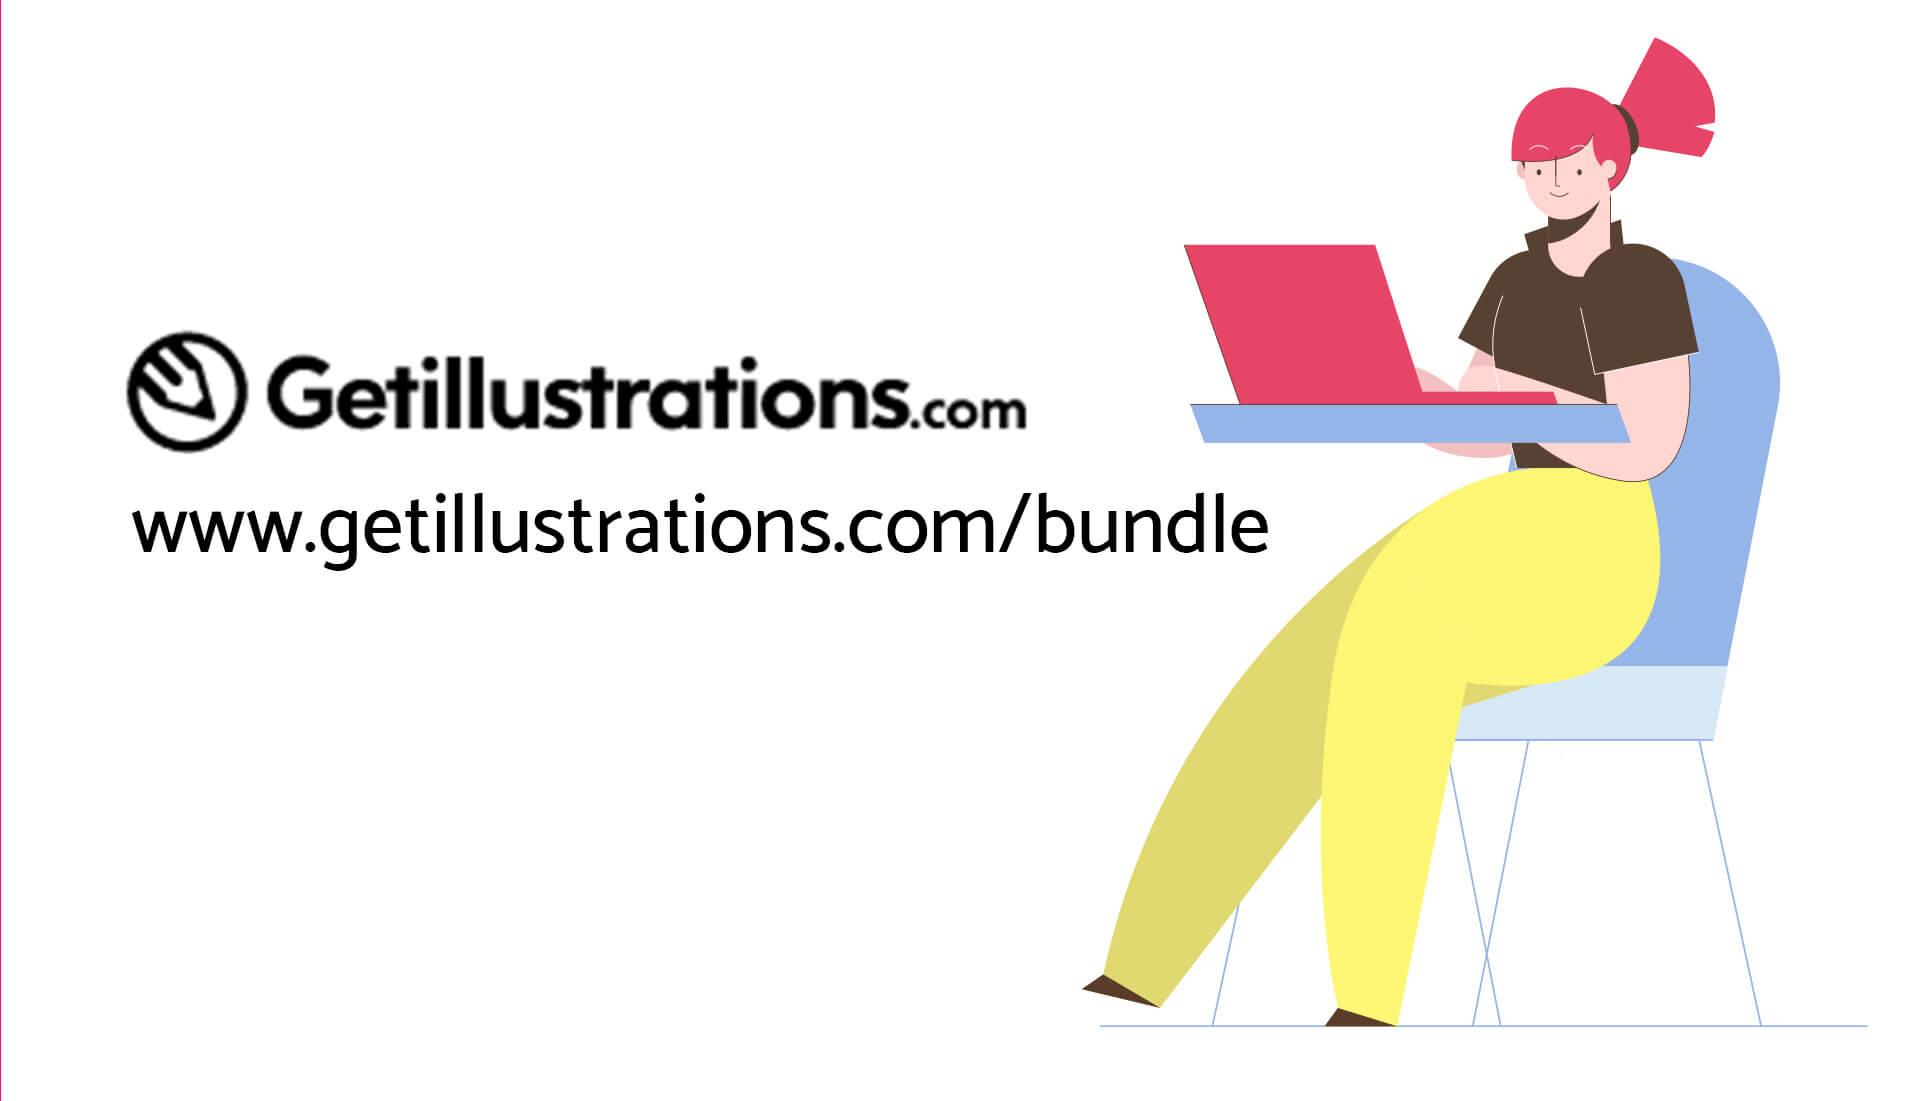 'Get Illustrations' aufrufen